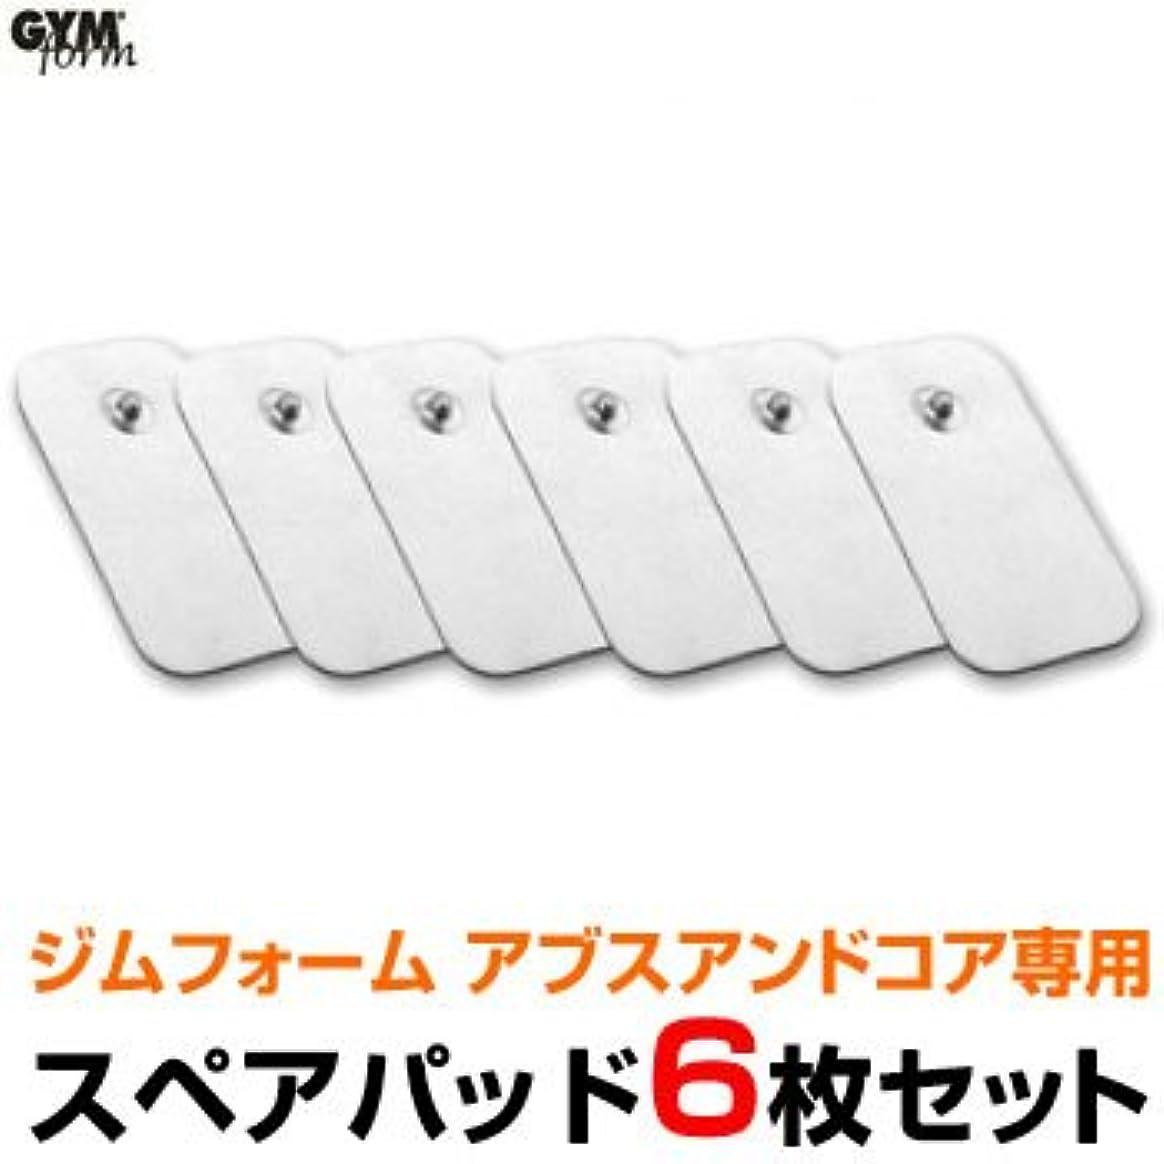 普通の素朴な意志ジムフォーム アブス&コア専用スペアパッド(GYMform ABS&CORE)6枚セット